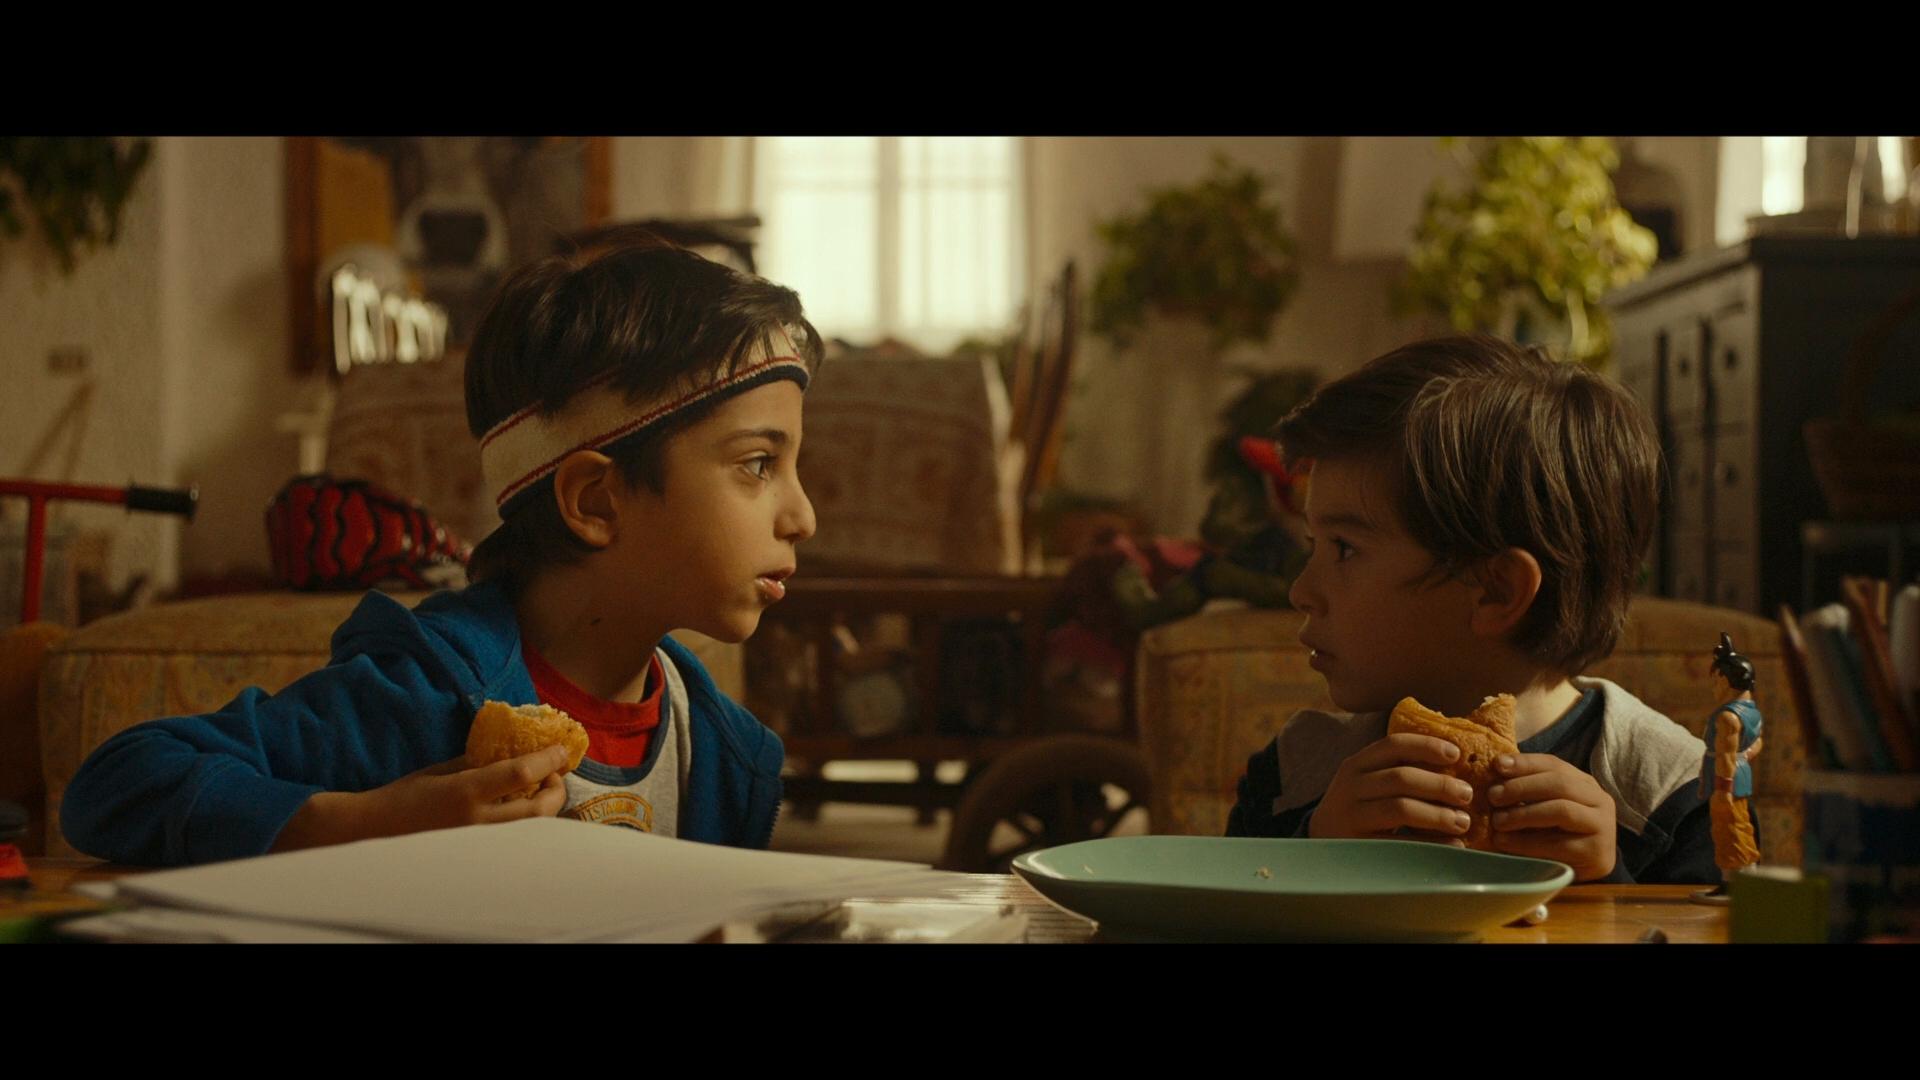 Mi hermano persigue dinosaurios (2019) 1080p BRRip